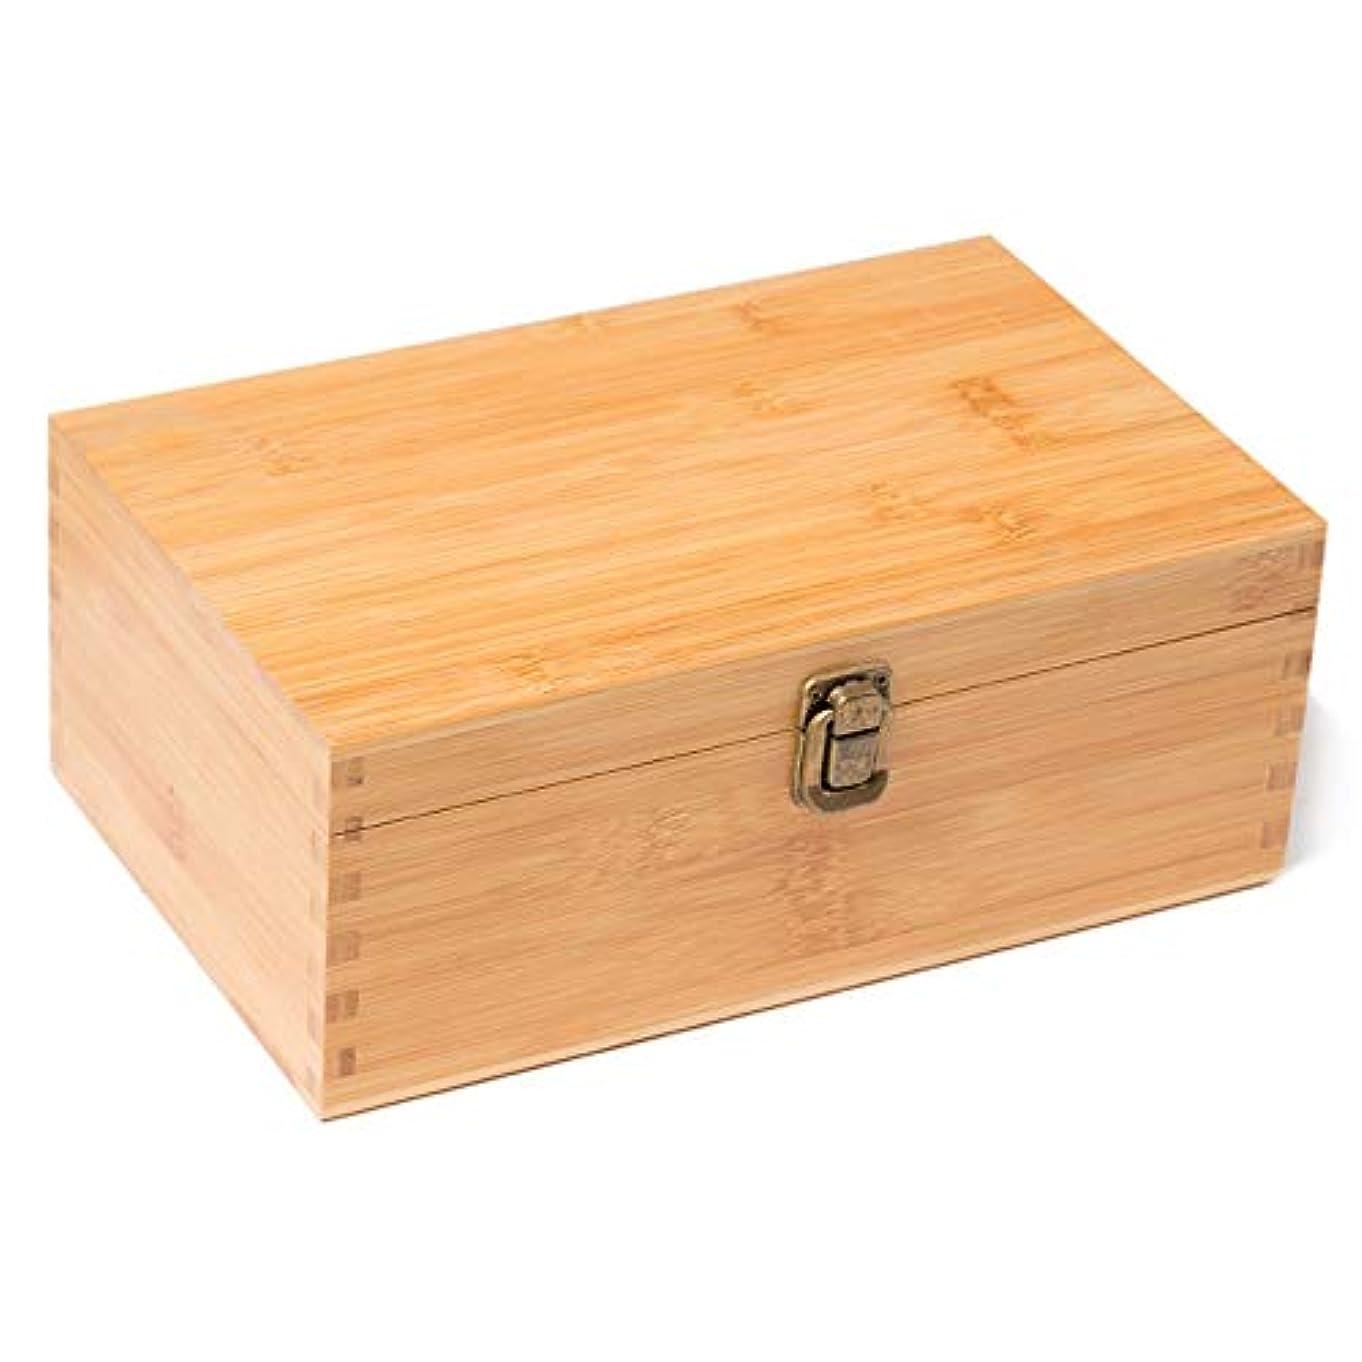 見出し奨励吸収剤手作りの木製エッセンシャルオイルストレージボックスオーガナイザーは、油のボトルを保持します アロマセラピー製品 (色 : Natural, サイズ : 26.5X16.5X10.5CM)